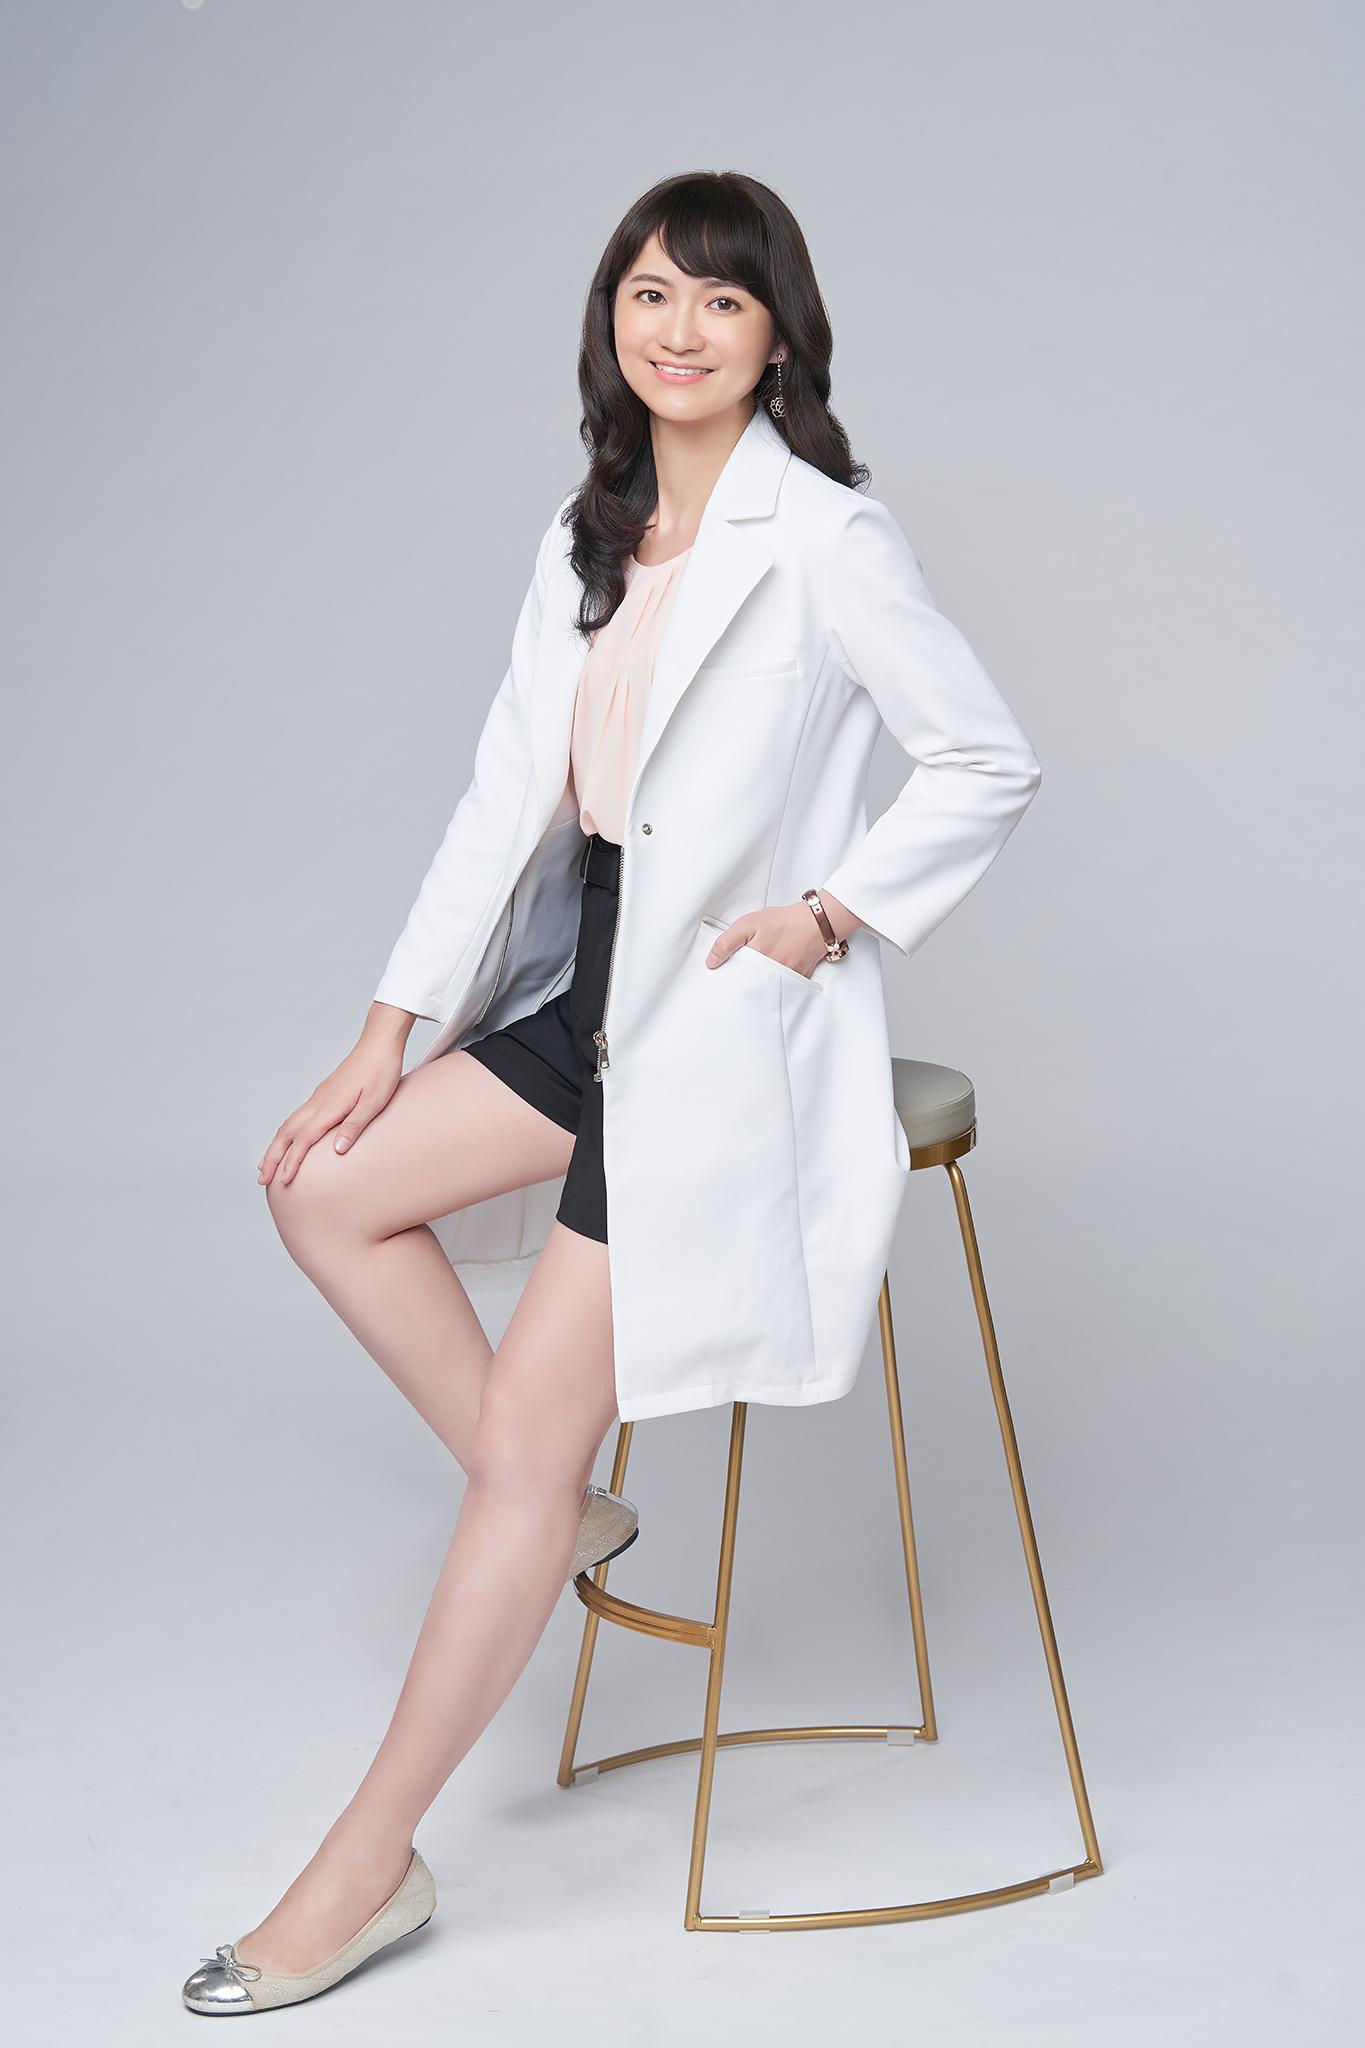 葉惠如醫師